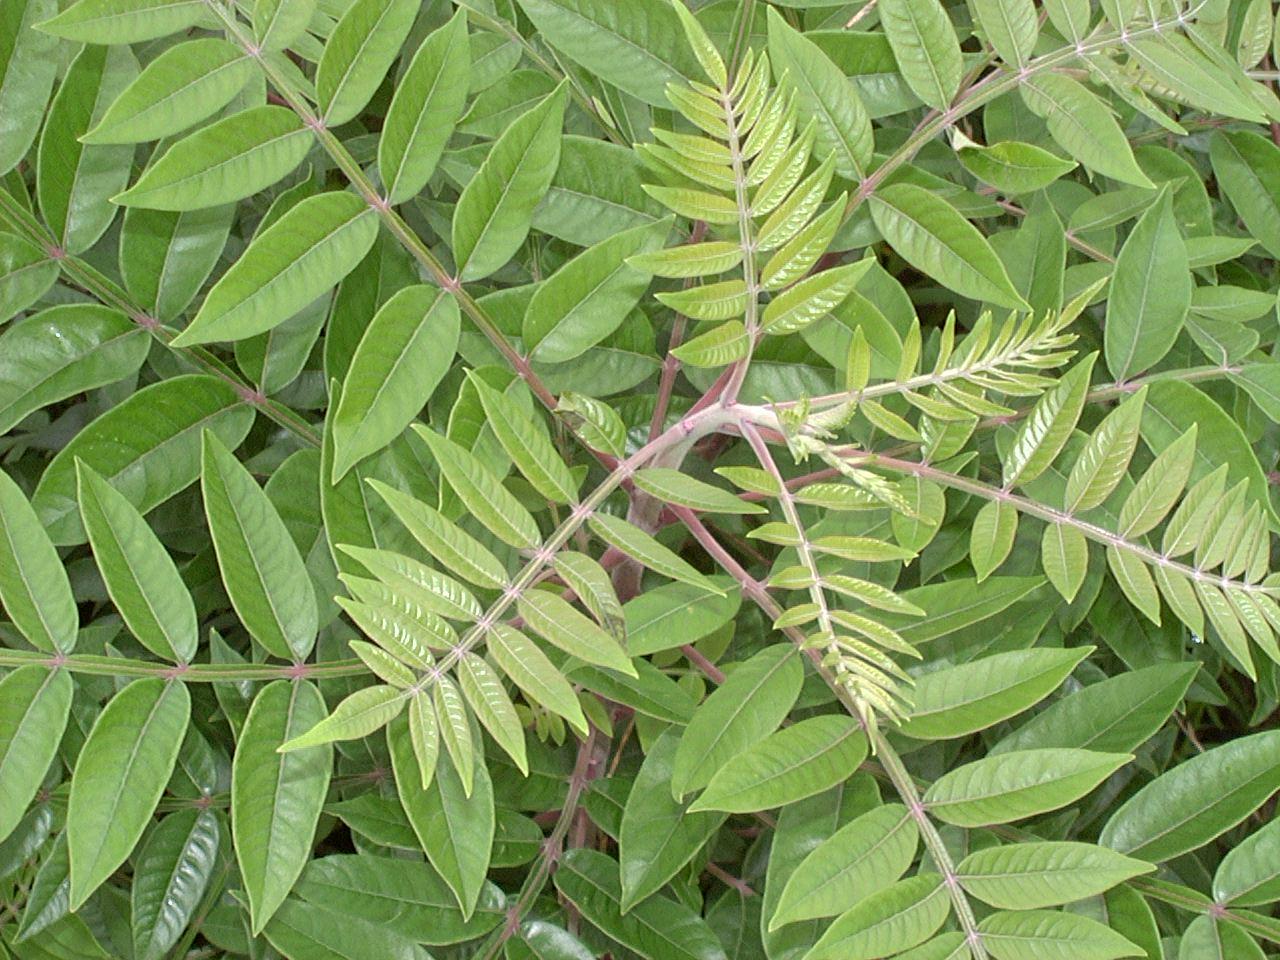 poison sumac images